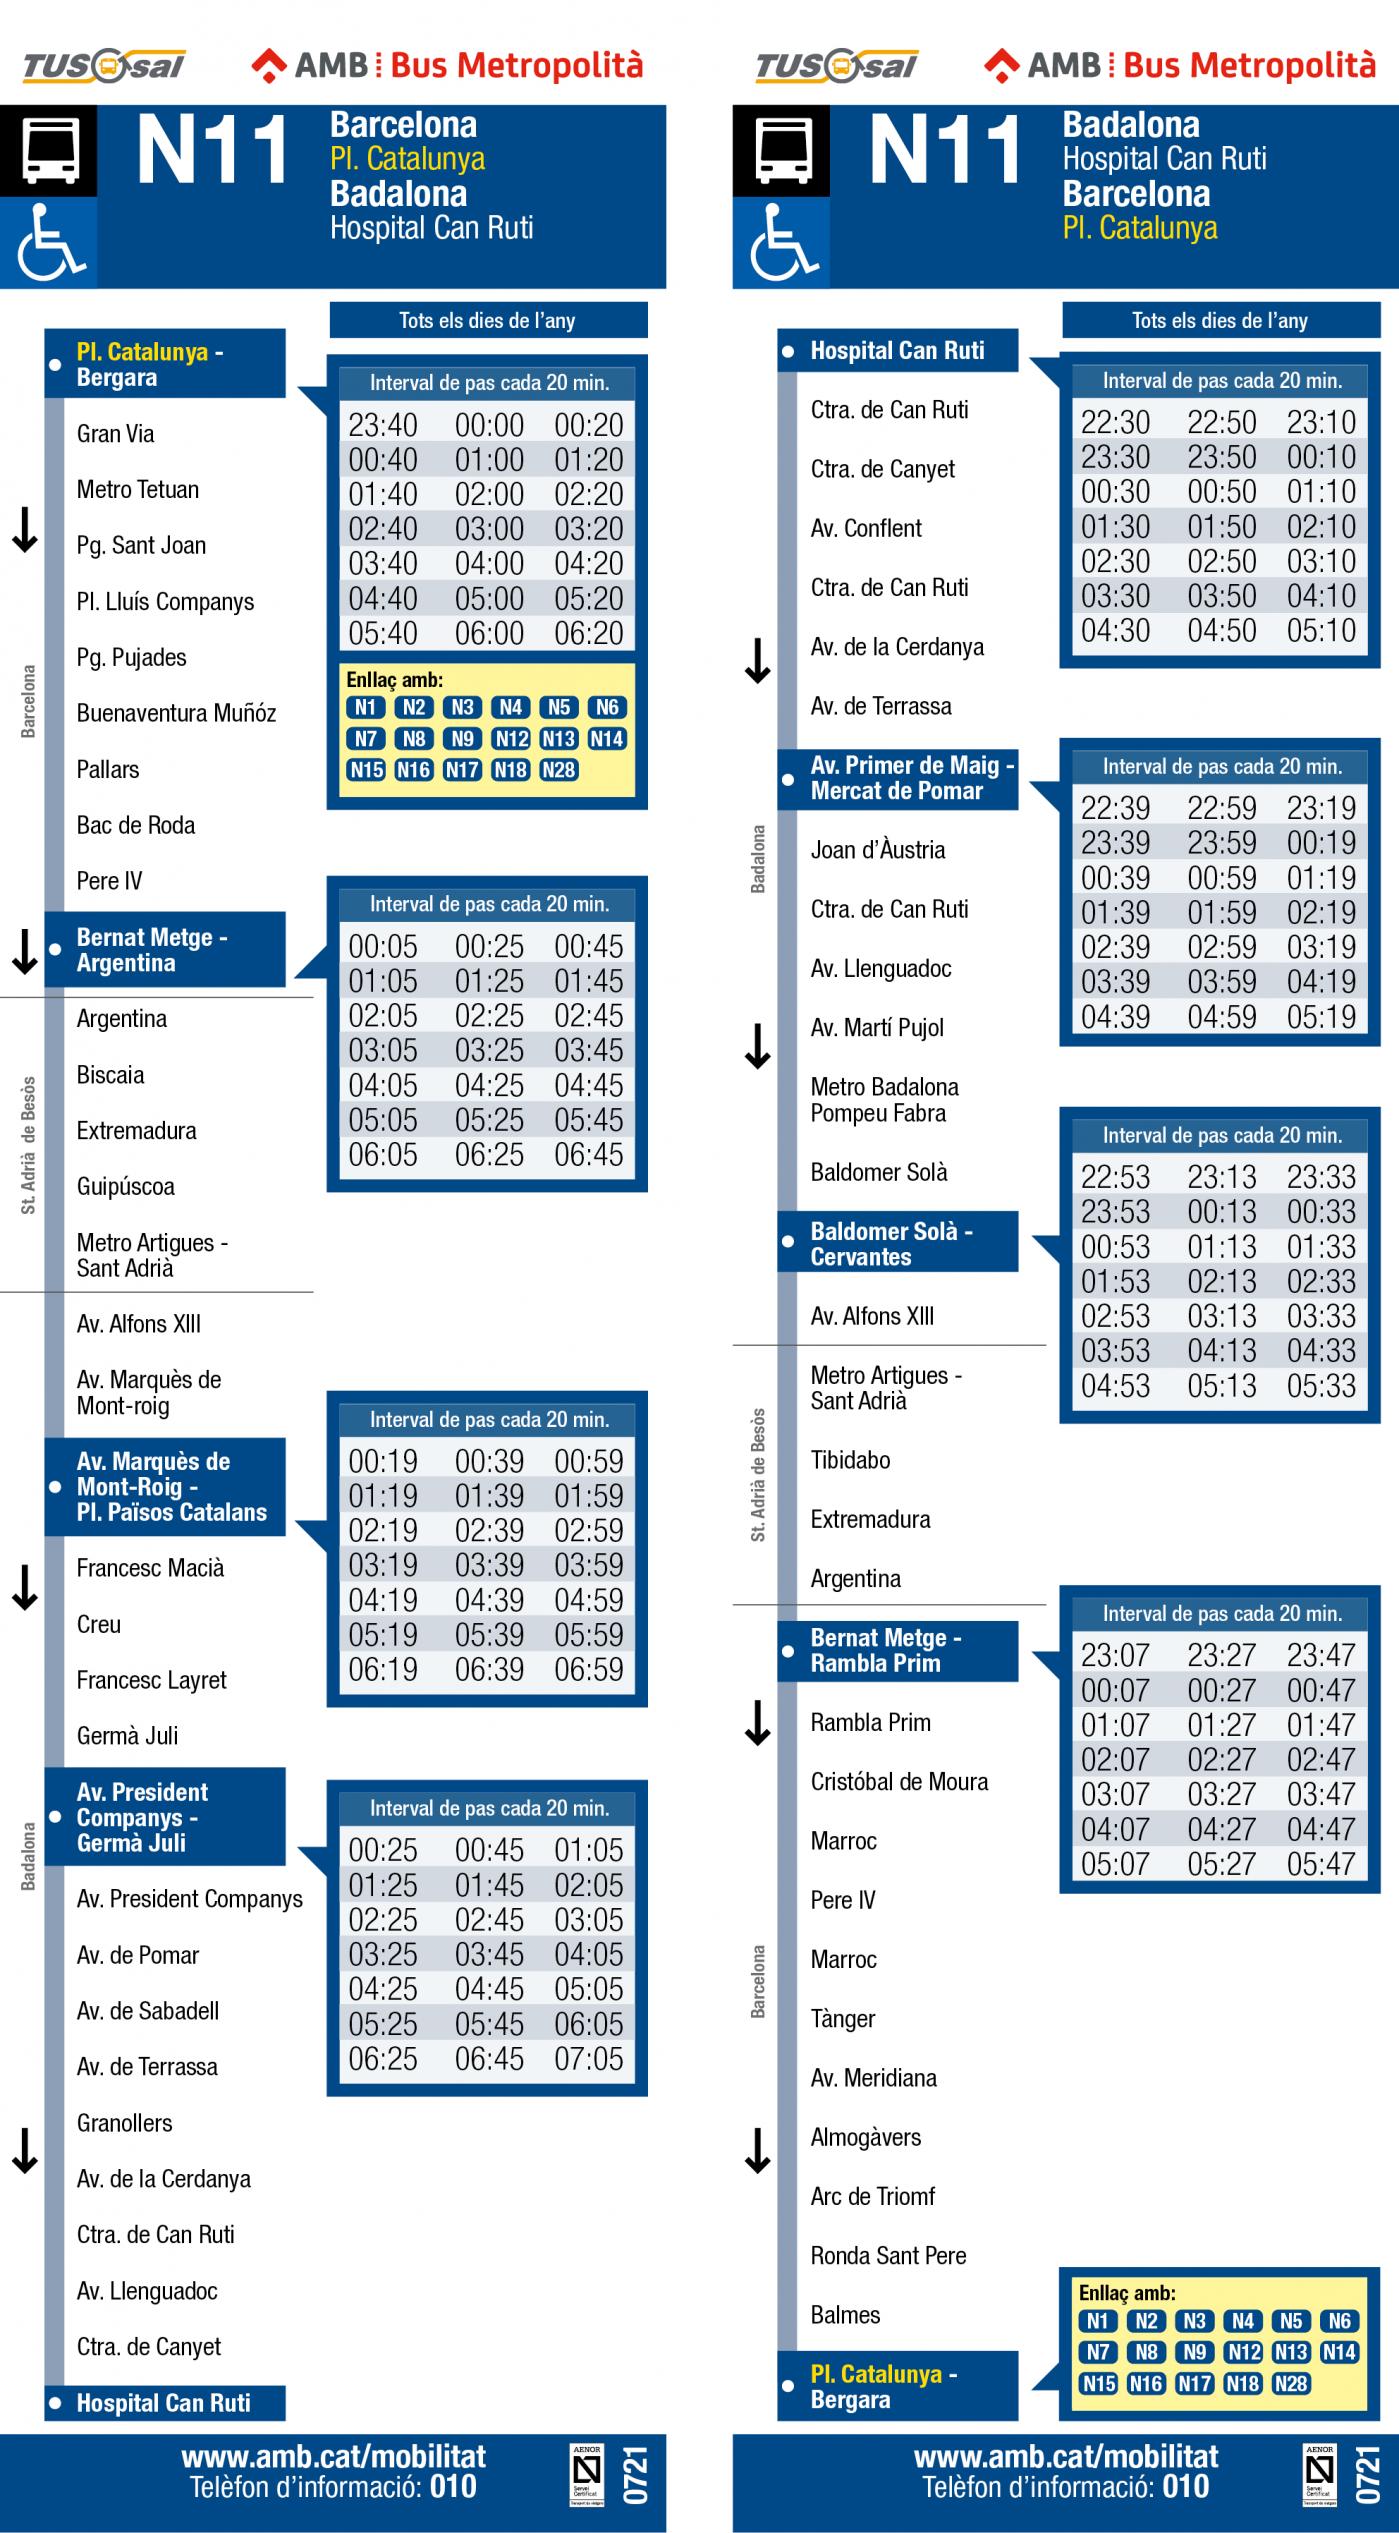 Tabla de horarios y frecuencias de paso Línea N11: Barcelona (Plaça Catalunya) - Badalona (Hospital Can Ruti)